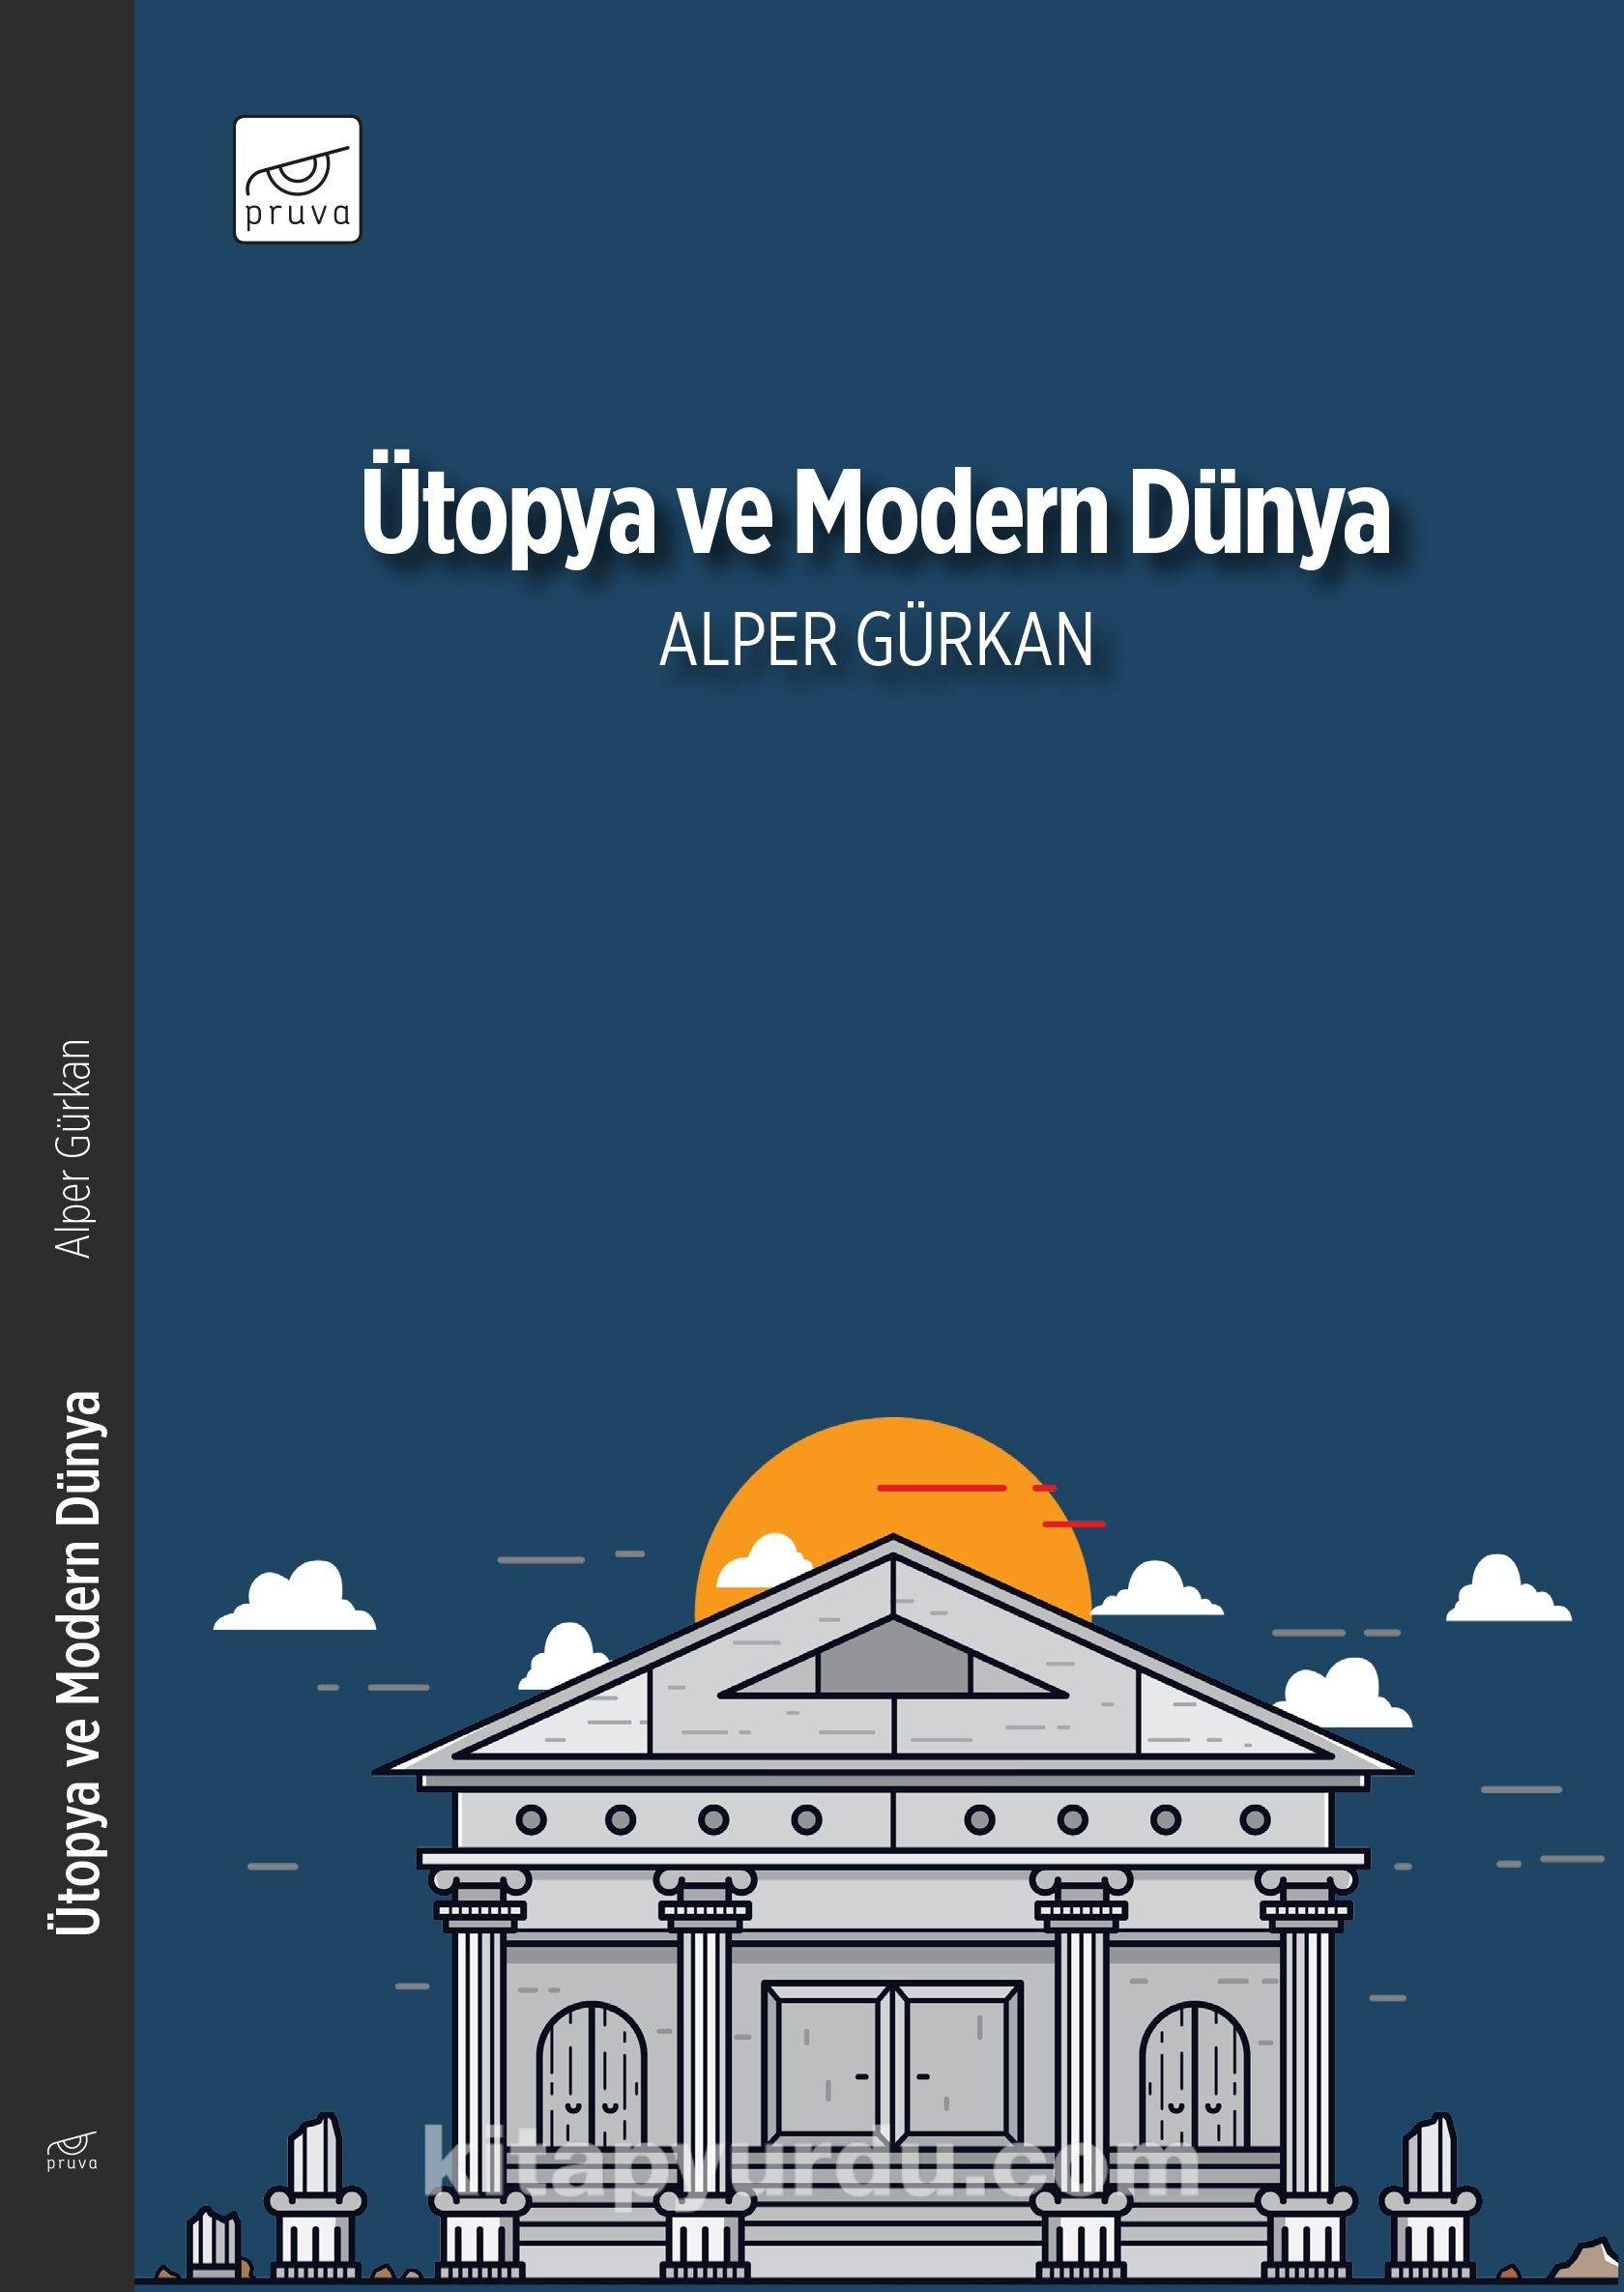 Ütopya ve Modern Dünya